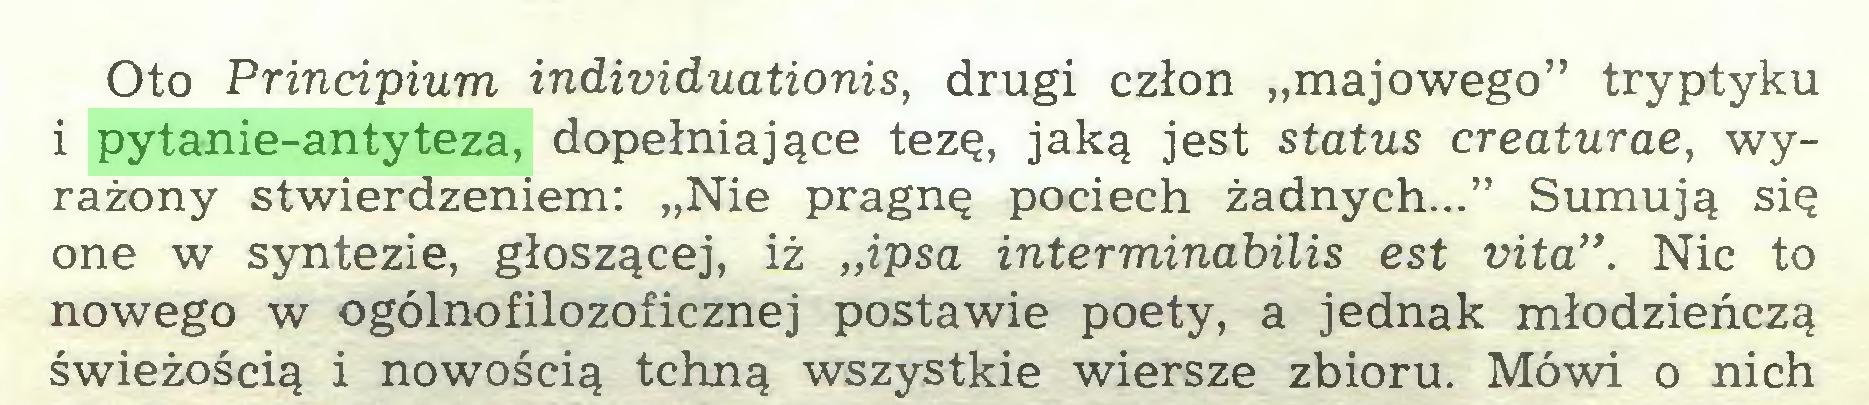 """(...) Oto Principium individuationis, drugi człon """"majowego"""" tryptyku i pytanie-antyteza, dopełniające tezę, jaką jest status creaturae, wyrażony stwierdzeniem: """"Nie pragnę pociech żadnych..."""" Sumują się one w syntezie, głoszącej, iż """"ipsa intermindbilis est vita"""". Nic to nowego w ogólnofilozoficznej postawie poety, a jednak młodzieńczą świeżością i nowością tchną wszystkie wiersze zbioru. Mówi o nich..."""